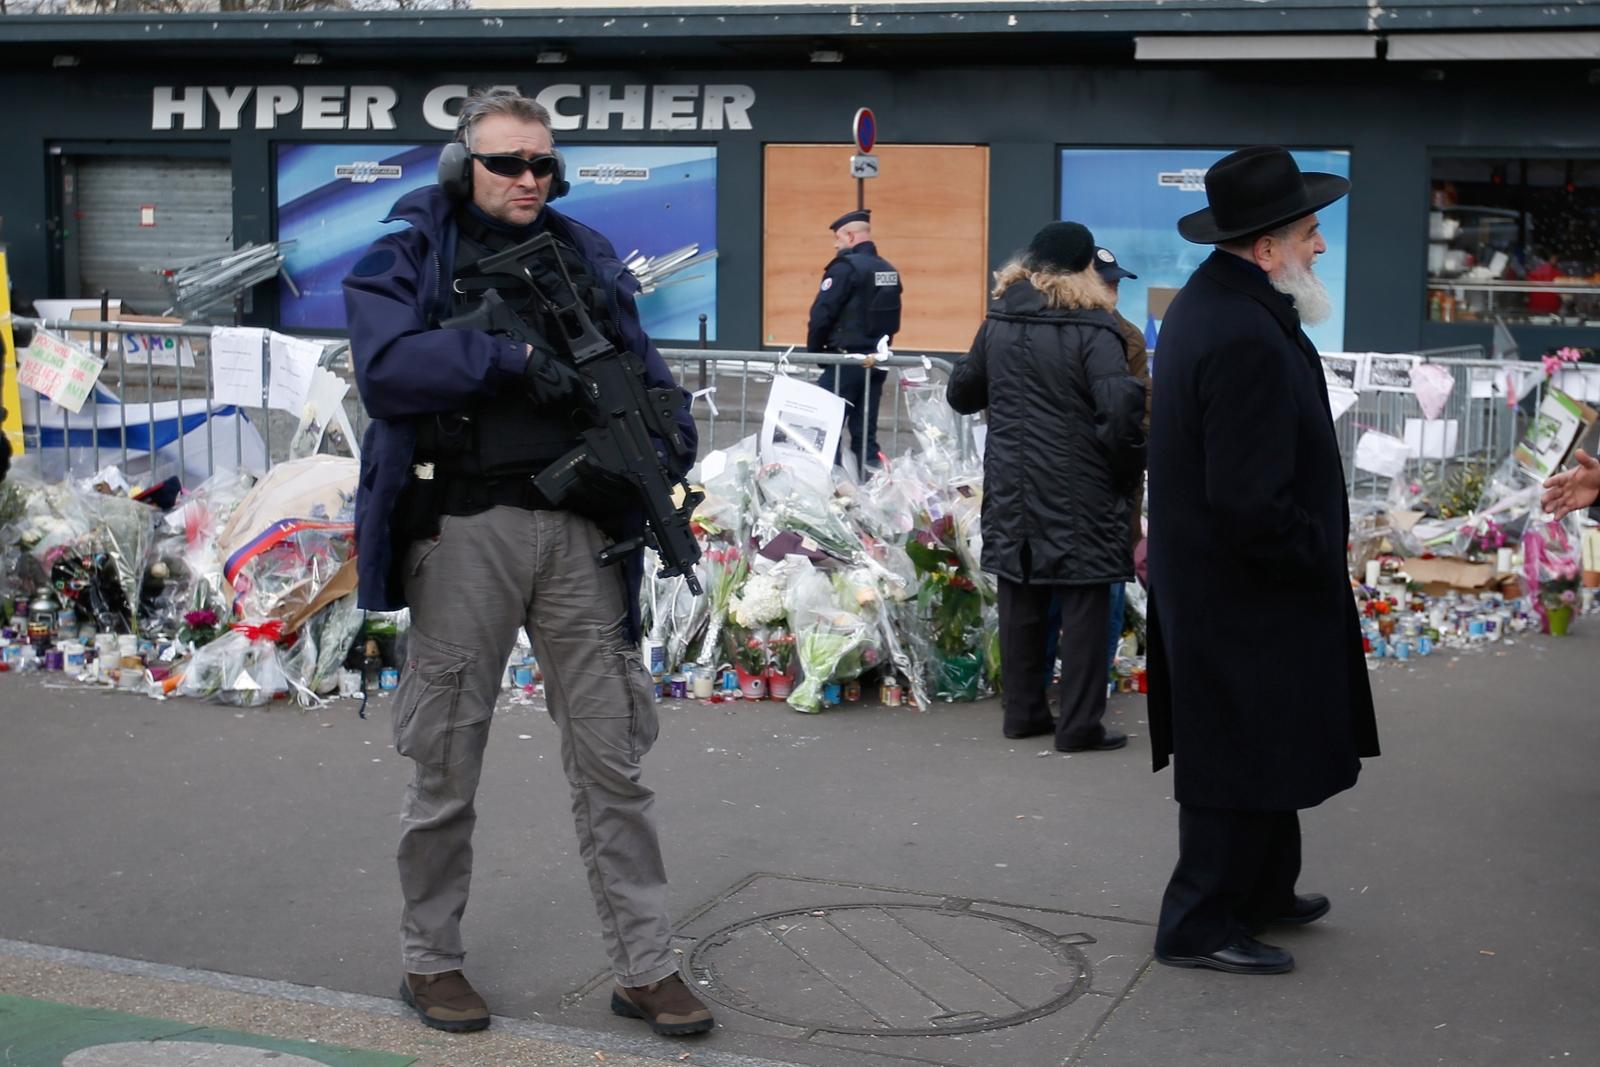 Hyper Cacher supermarket attack Paris